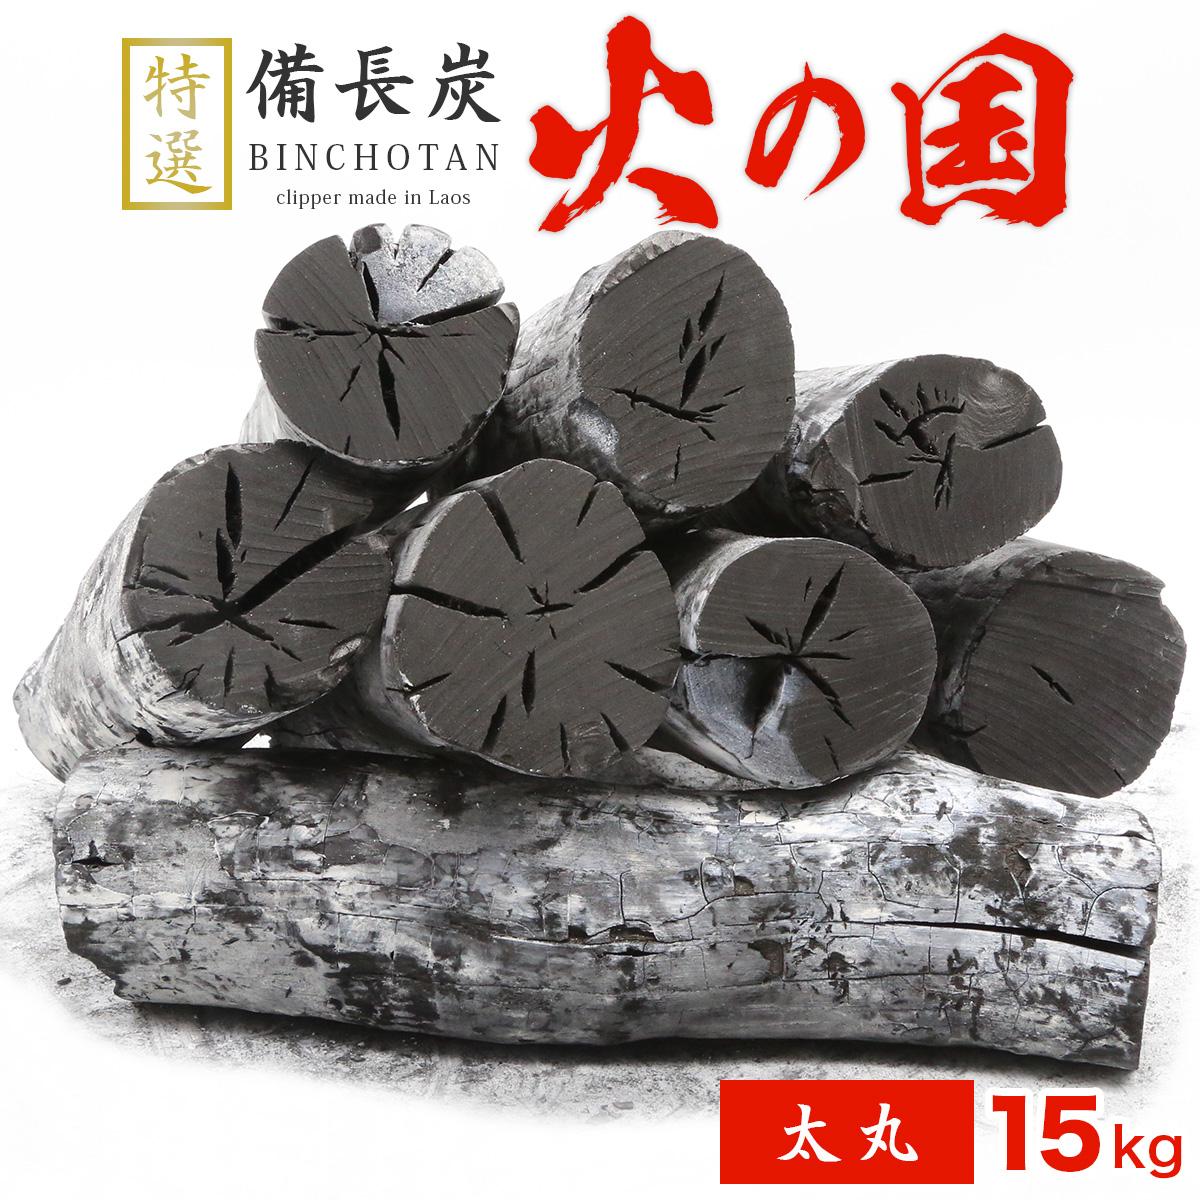 火の国備長炭(ラオス産) 太丸 15kg 長さ 20〜27cm / 直径 4.5〜6cm Lサイズ(鰻)